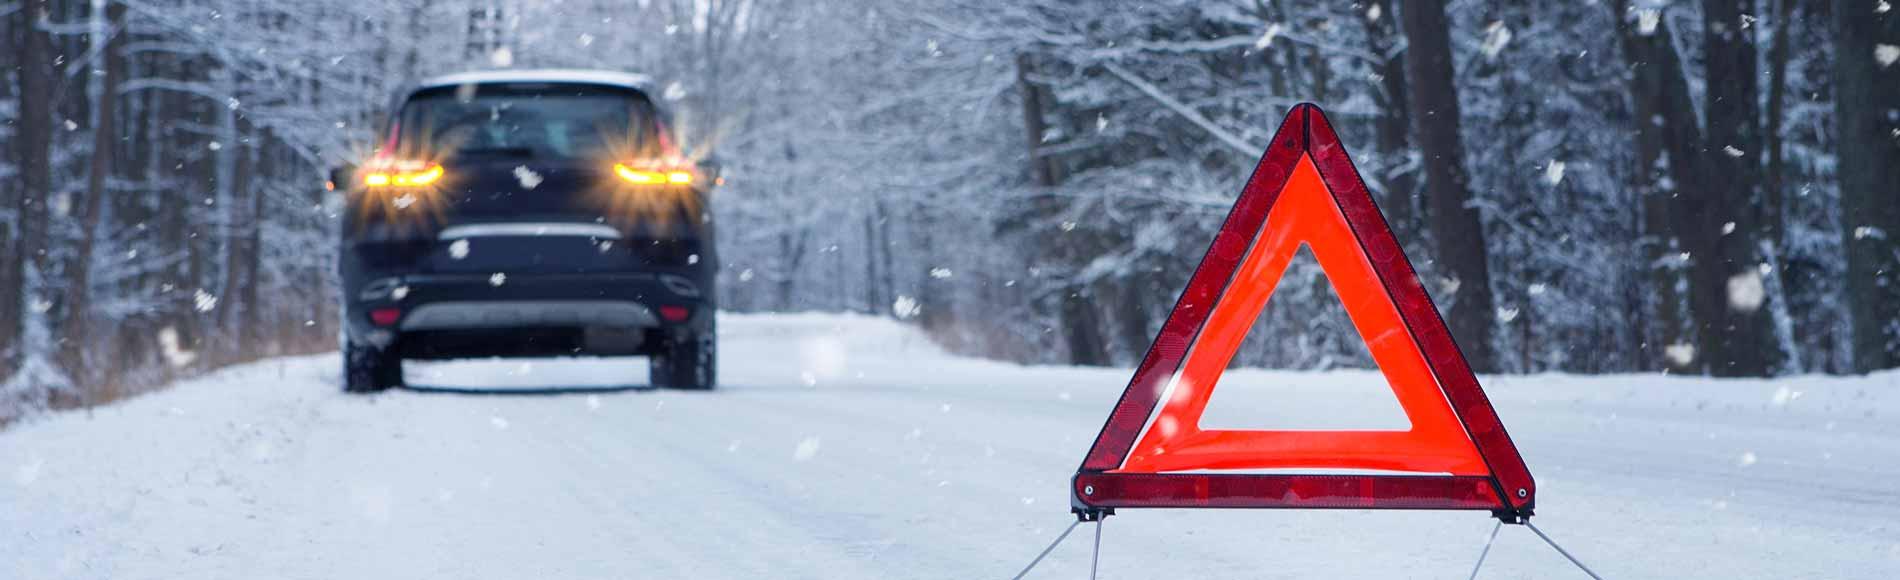 Assistència en carretera assegurança de cotxe